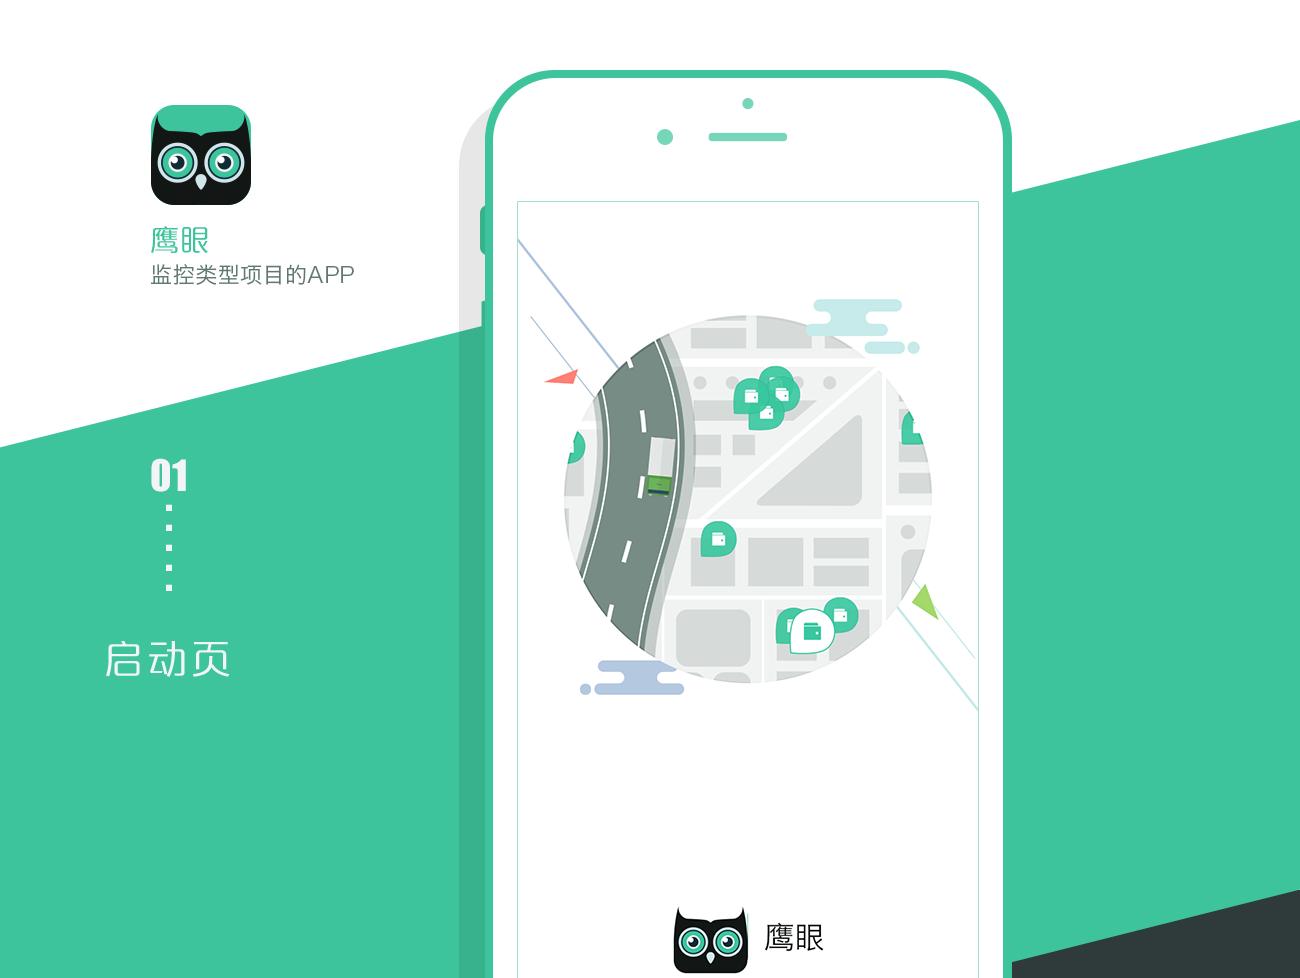 鹰眼app_视频监控类软件图片